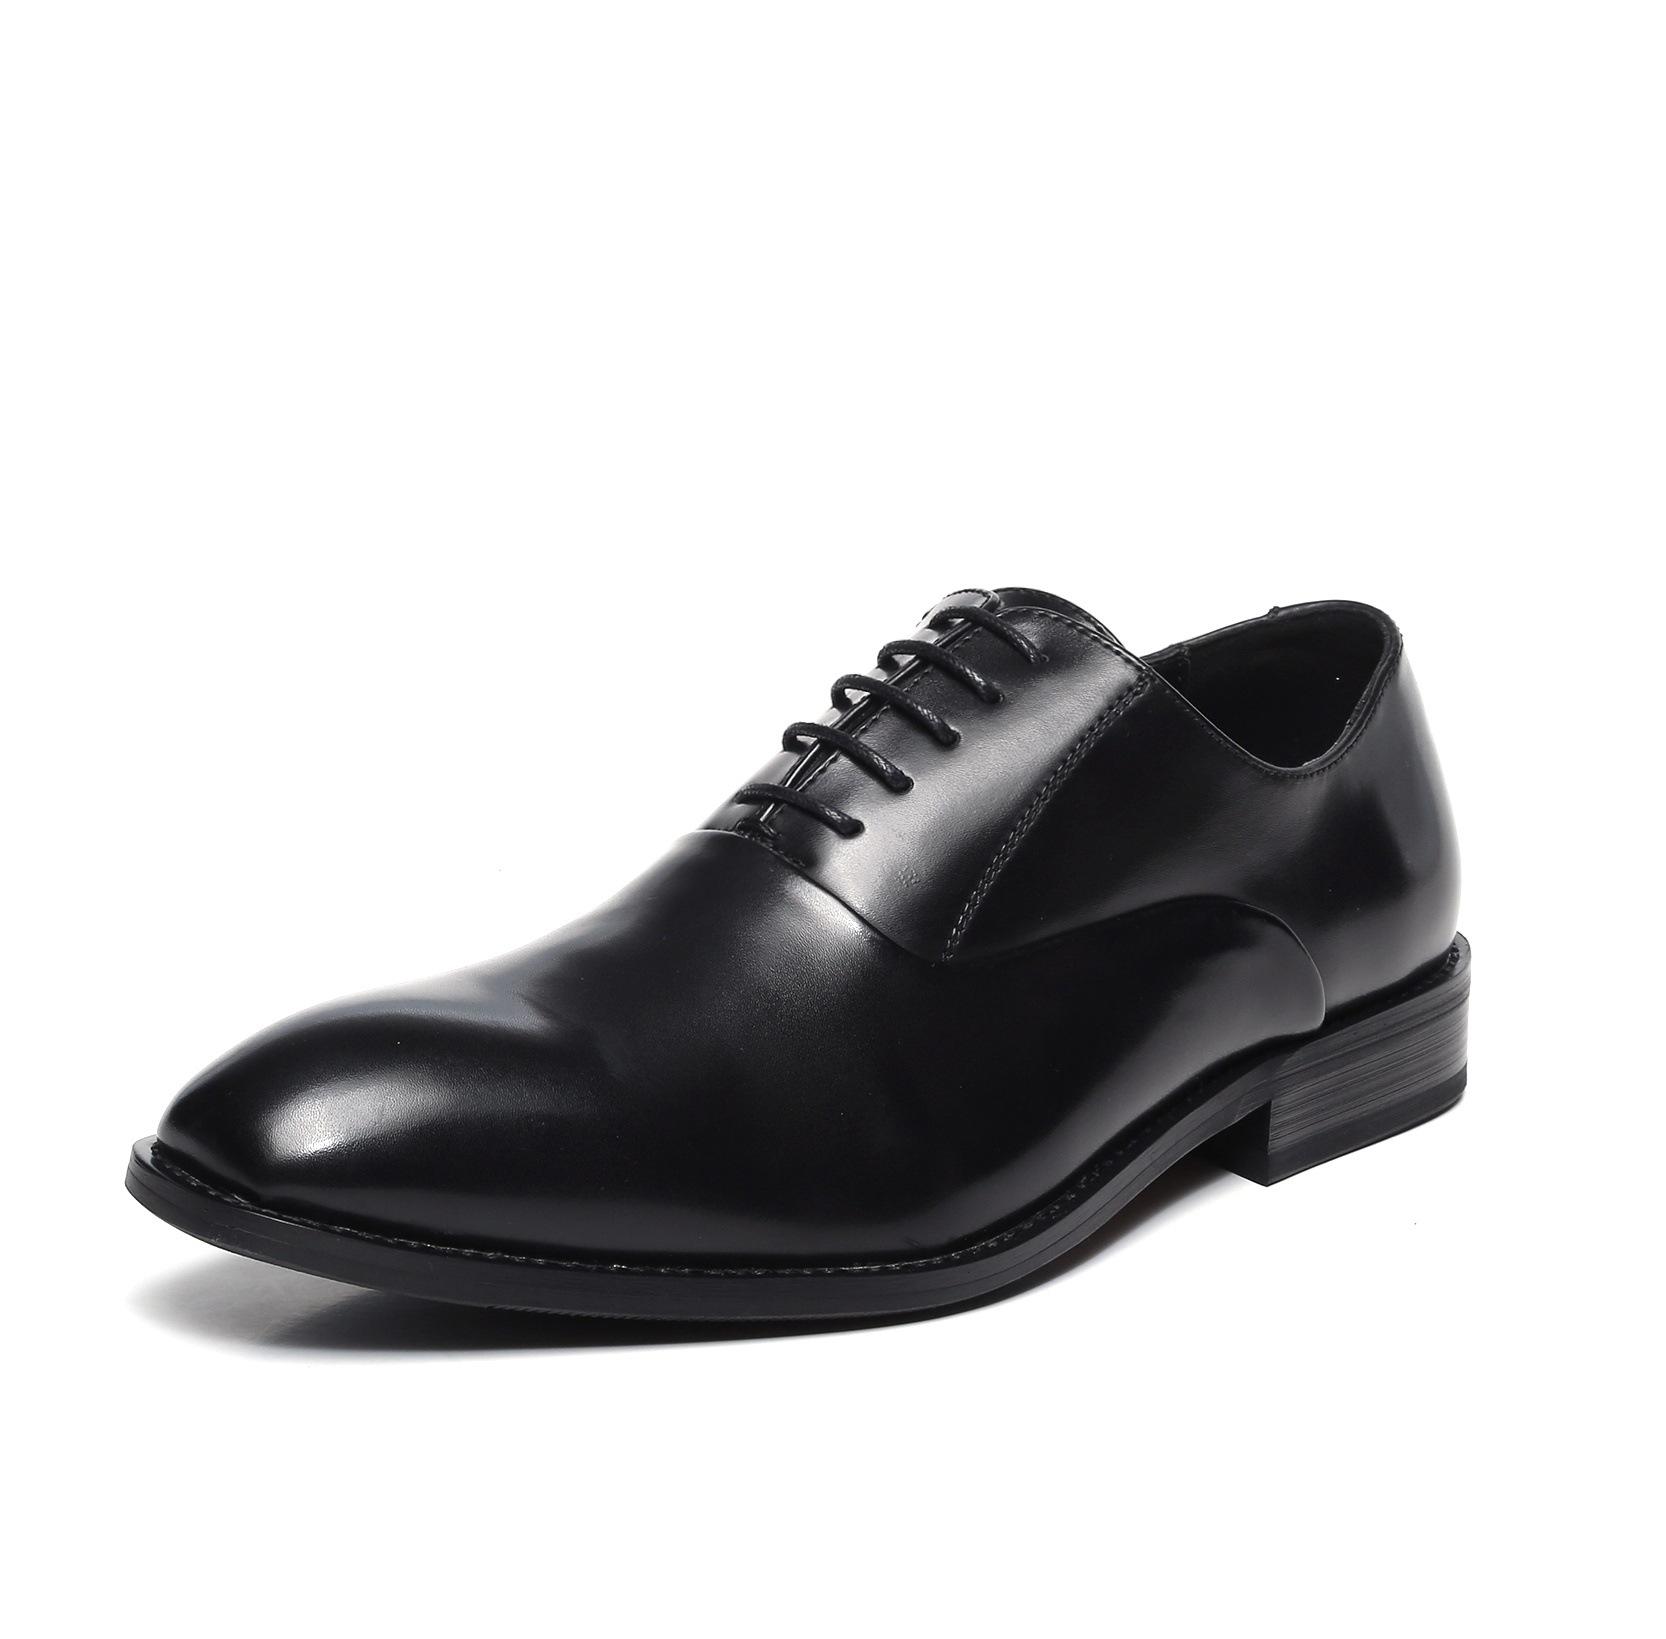 Stealth erhöhen die höhe 6 cm komfortable slip-on design ordentlich nähen atmungs echtem leder futter männer aufzug kleid schuhe